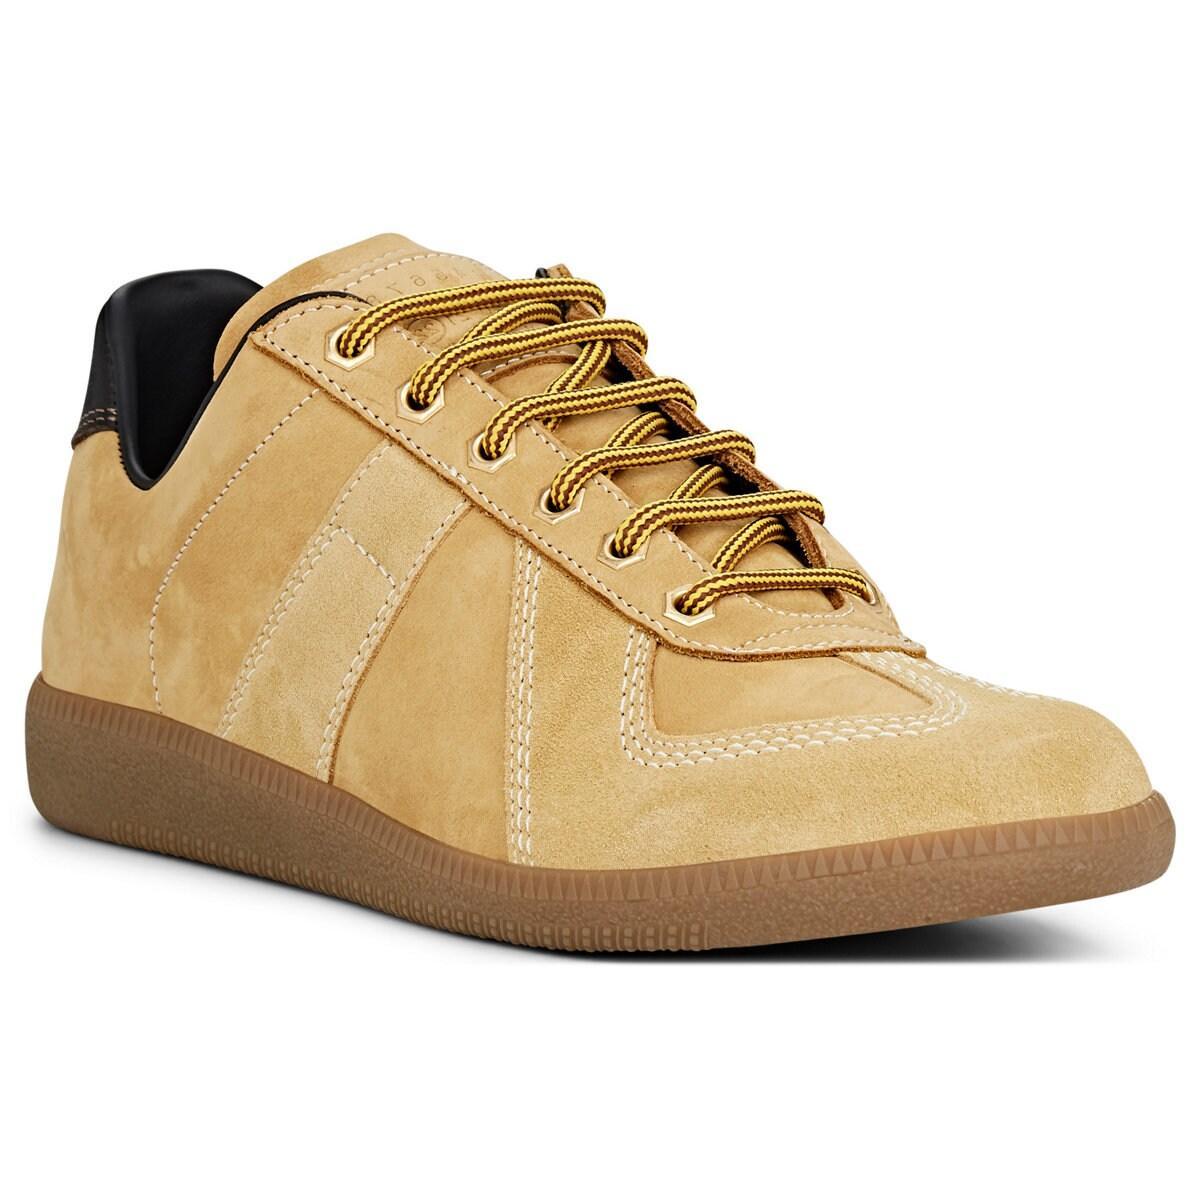 7b6437bd5c2 Men's Natural replica Nubuck & Suede Sneakers